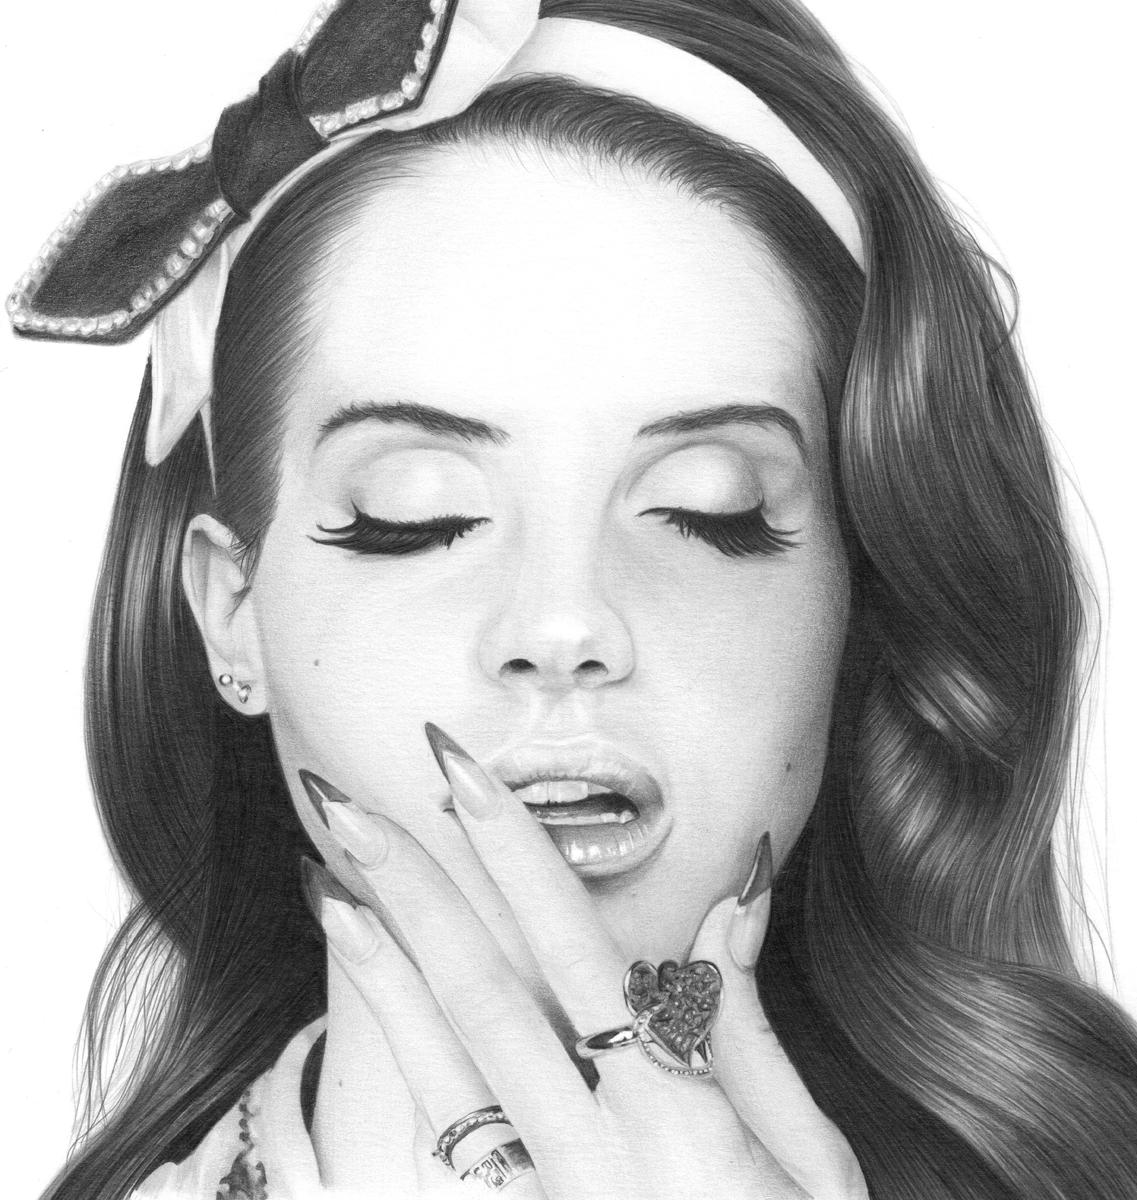 Drawn celebrity lana del rey Rey Cool Art Rey Lana